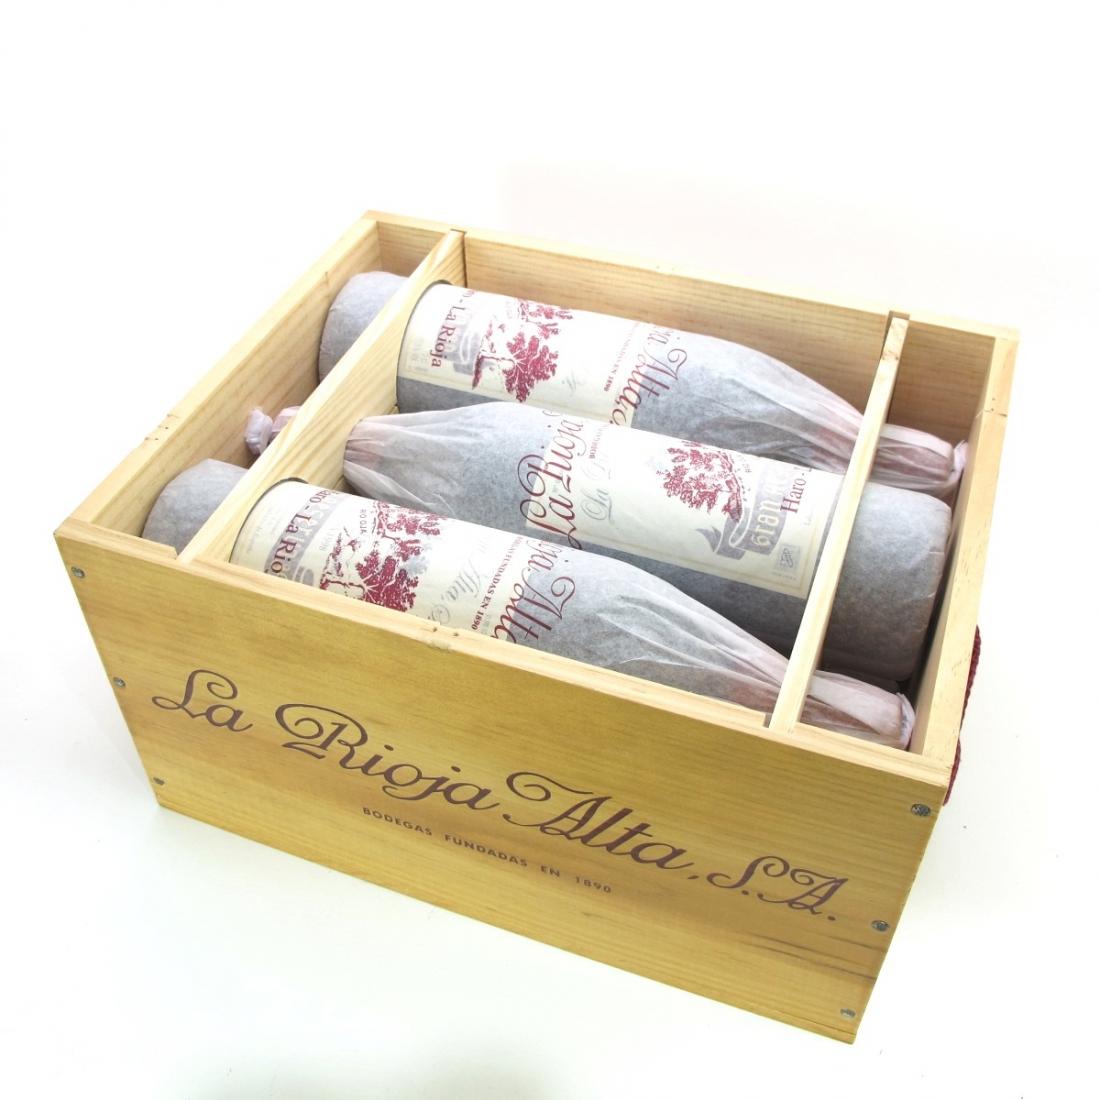 """La Rioja Alta """"890"""" 1998 Rioja Gran Reserva 6x75cl / Original Wooden Case"""